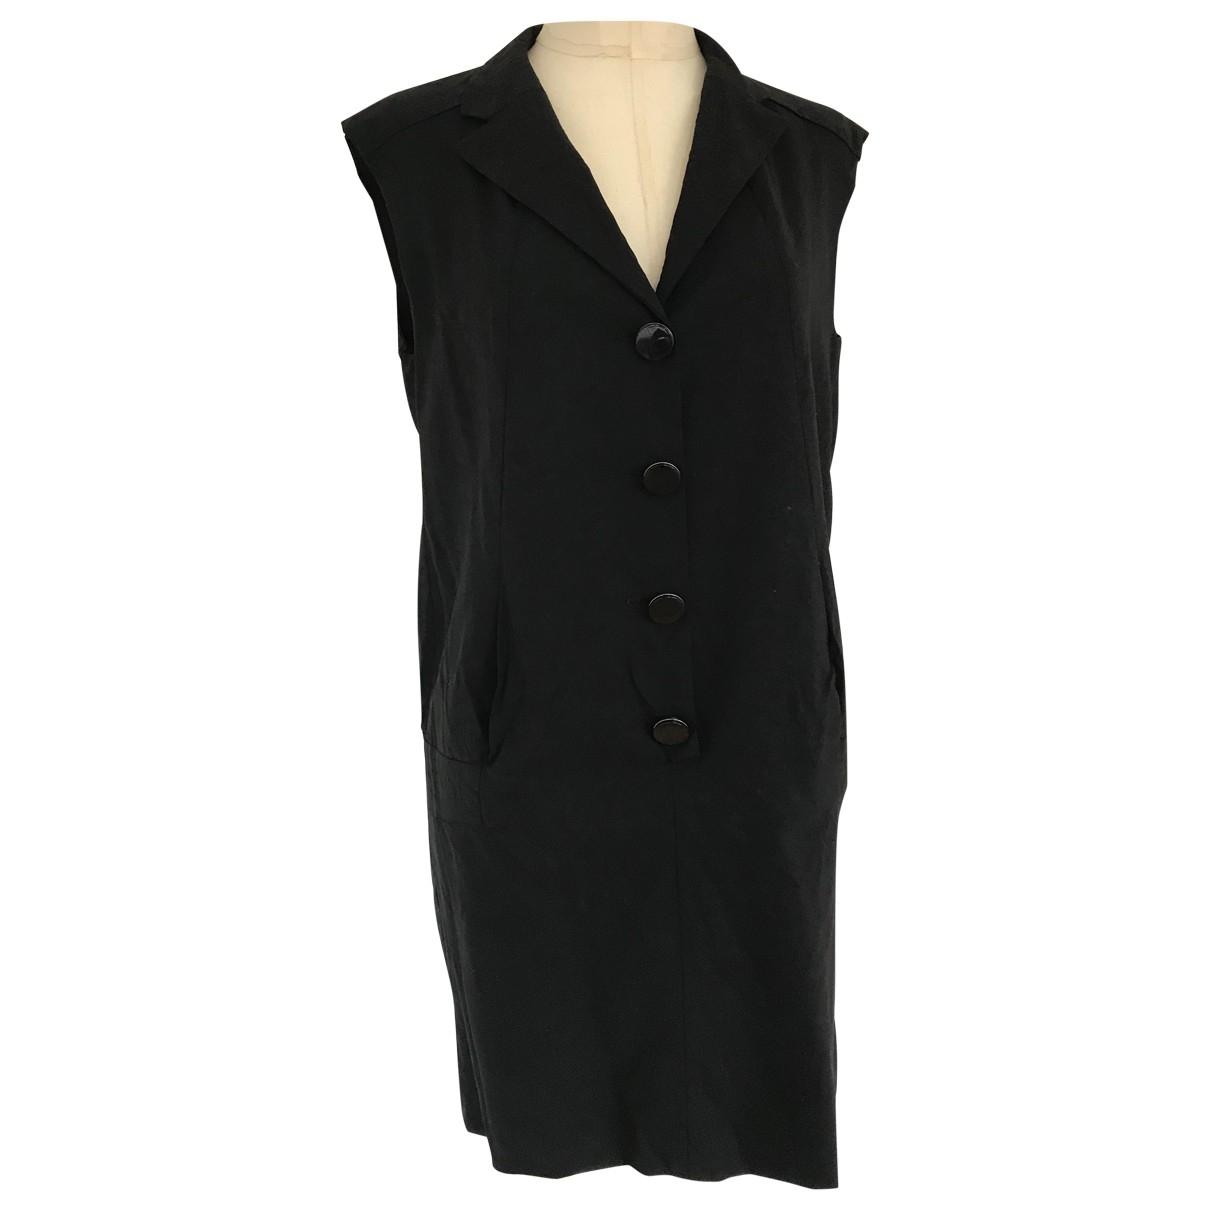 Maje \N Black Wool dress for Women S International